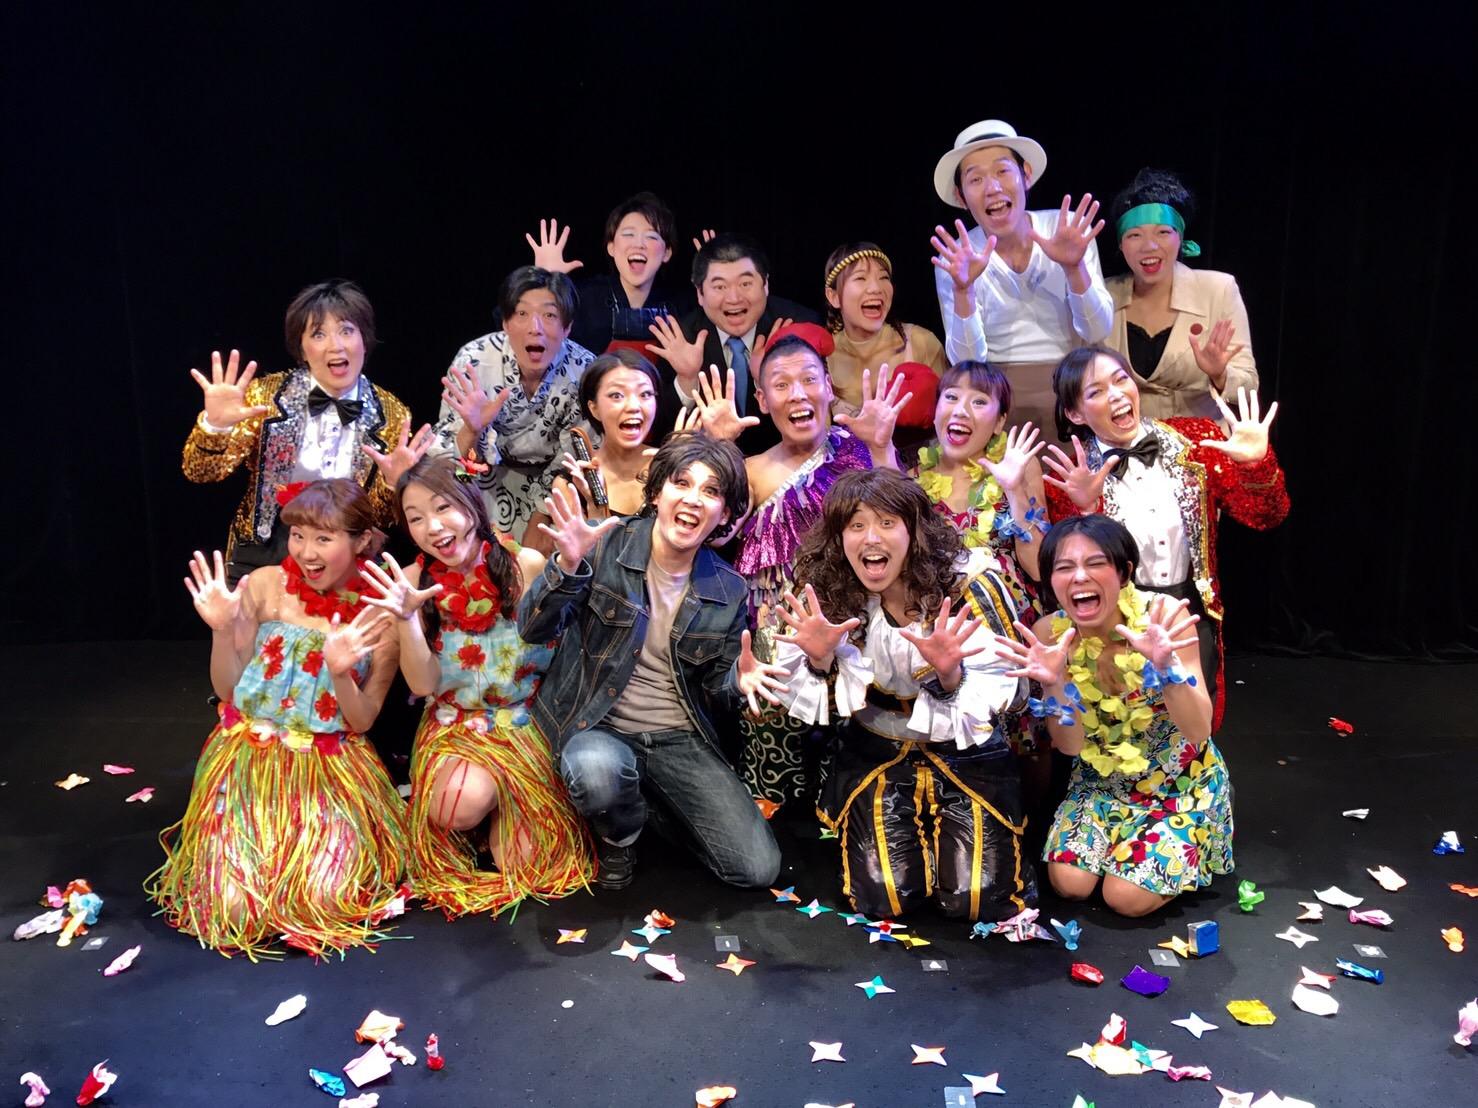 コメディーミュージカル「真夏の夜の狸御殿」 ココナッツ・ホリデー「シェイクスピアだヨ!娯楽座」